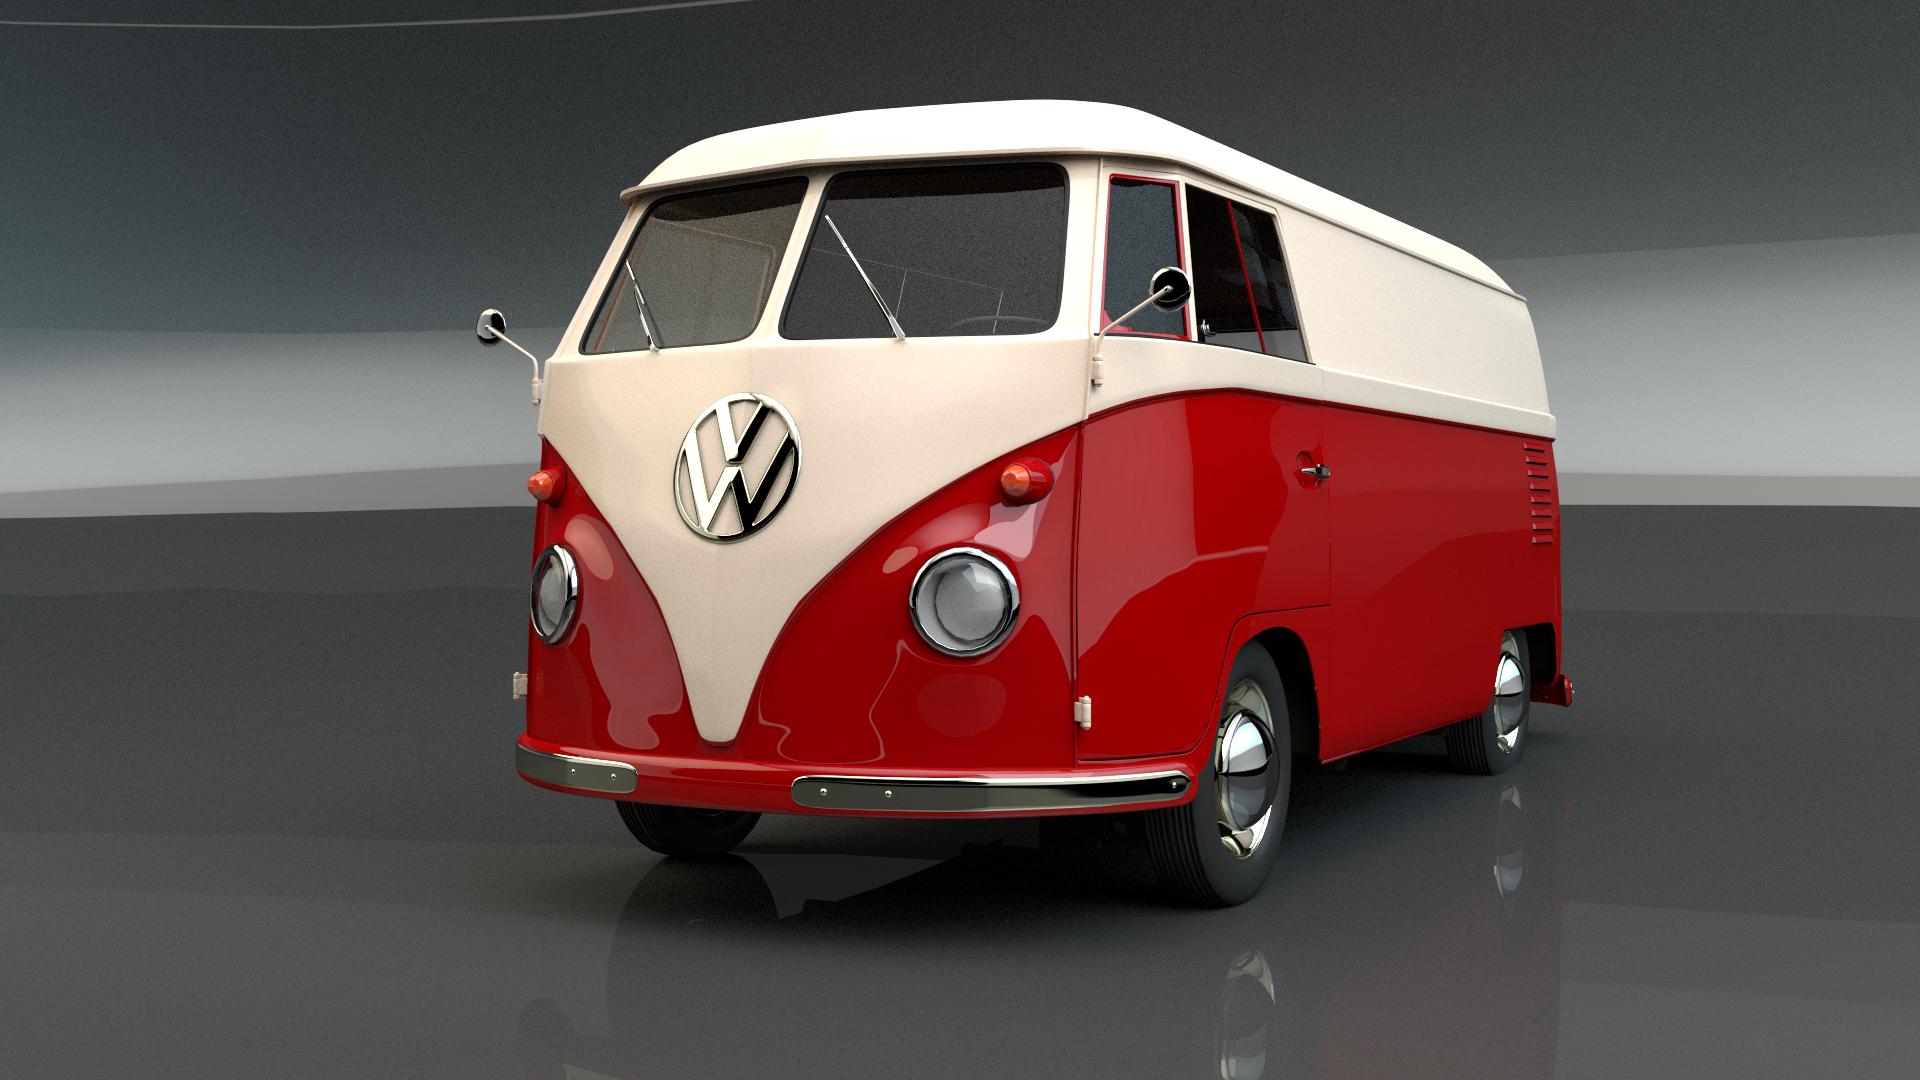 volkswagen t1 3d model by arslandad on deviantart. Black Bedroom Furniture Sets. Home Design Ideas